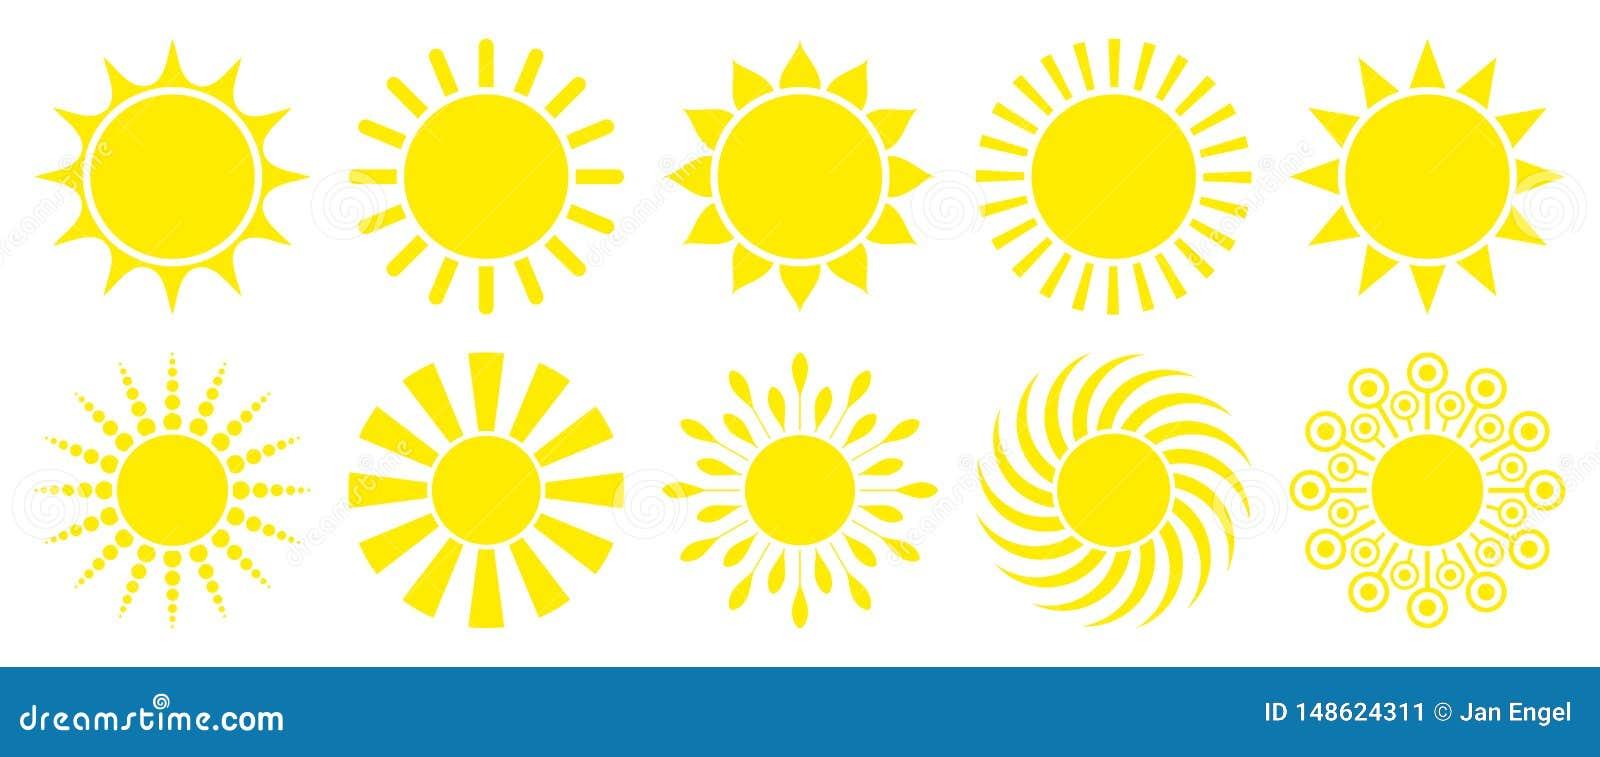 Σύνολο δέκα κίτρινων γραφικών εικονιδίων ήλιων